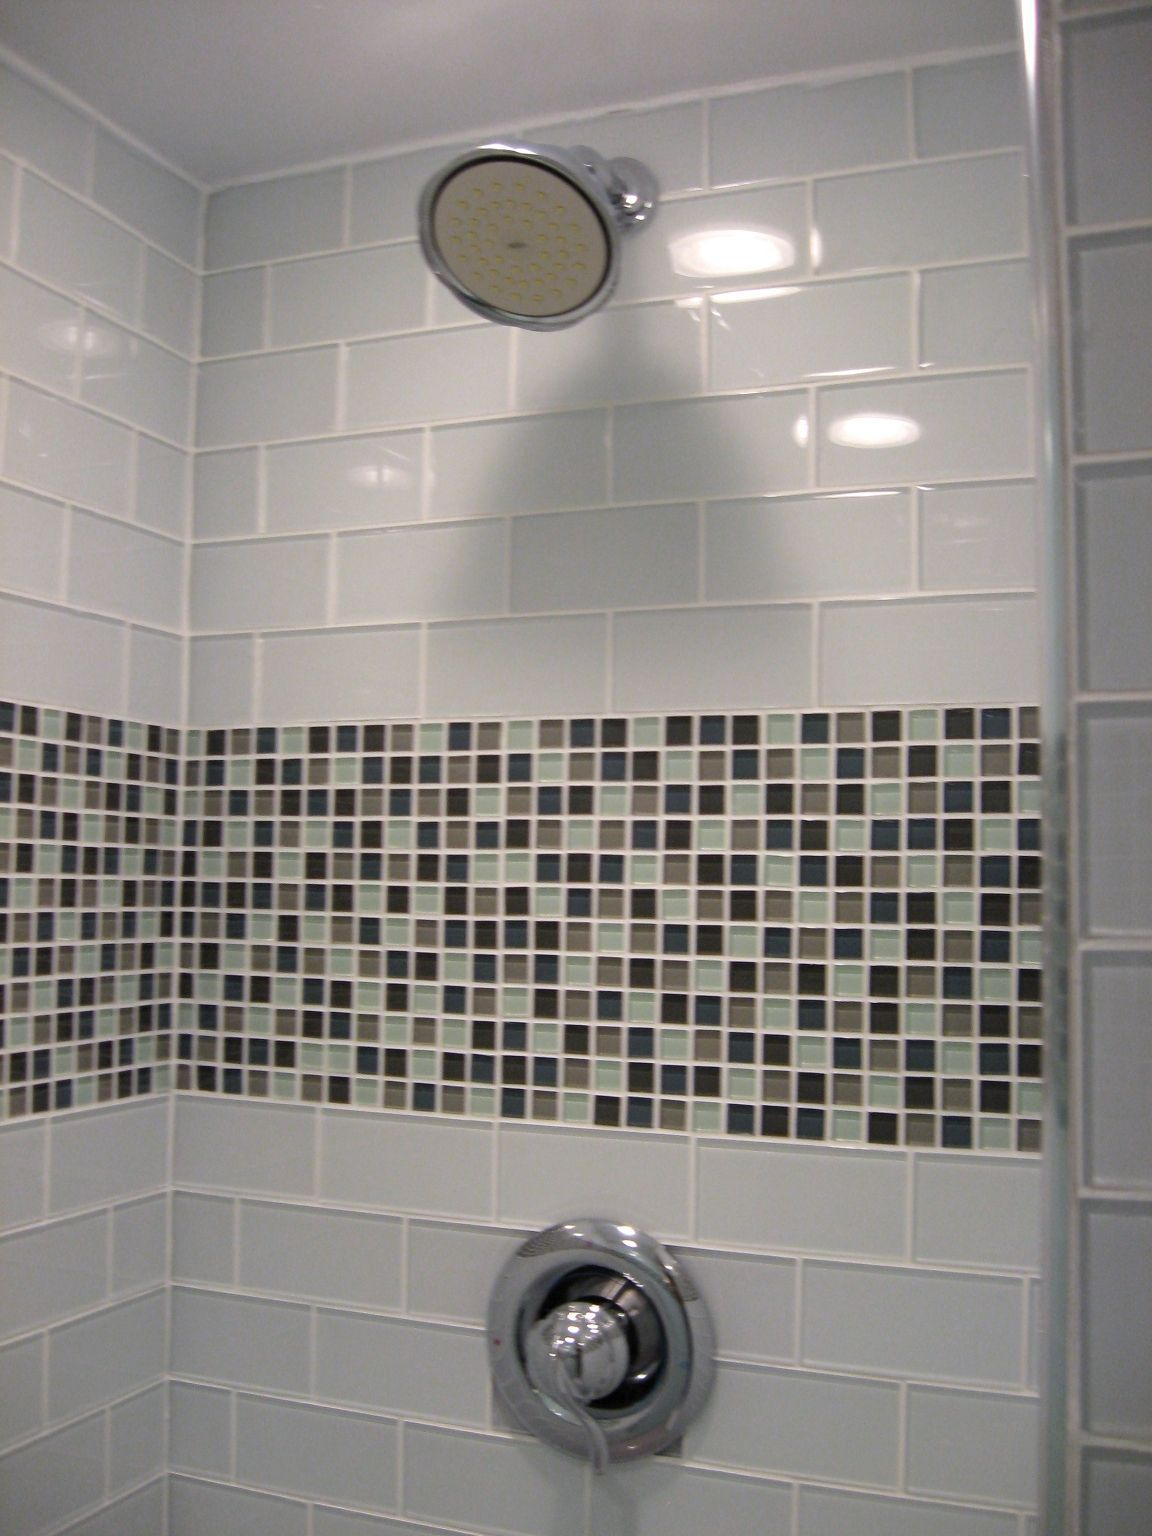 Tiled Shower Decoración De Baño Decoracion Baños Baños